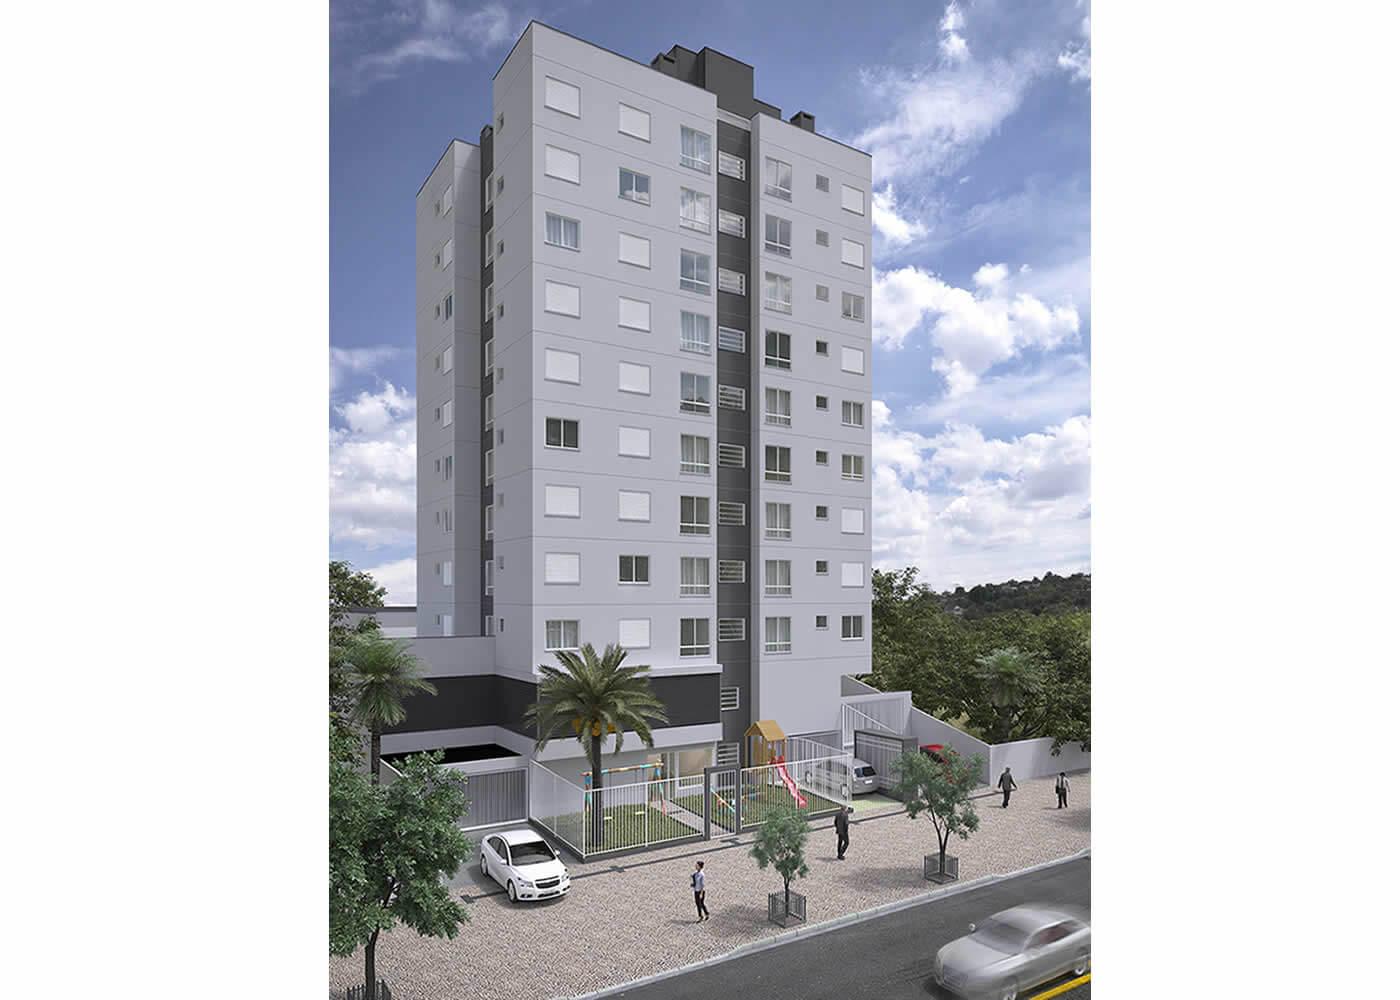 Edificio Residencial Bento Gonçalves II - G. Ghem Engenharia